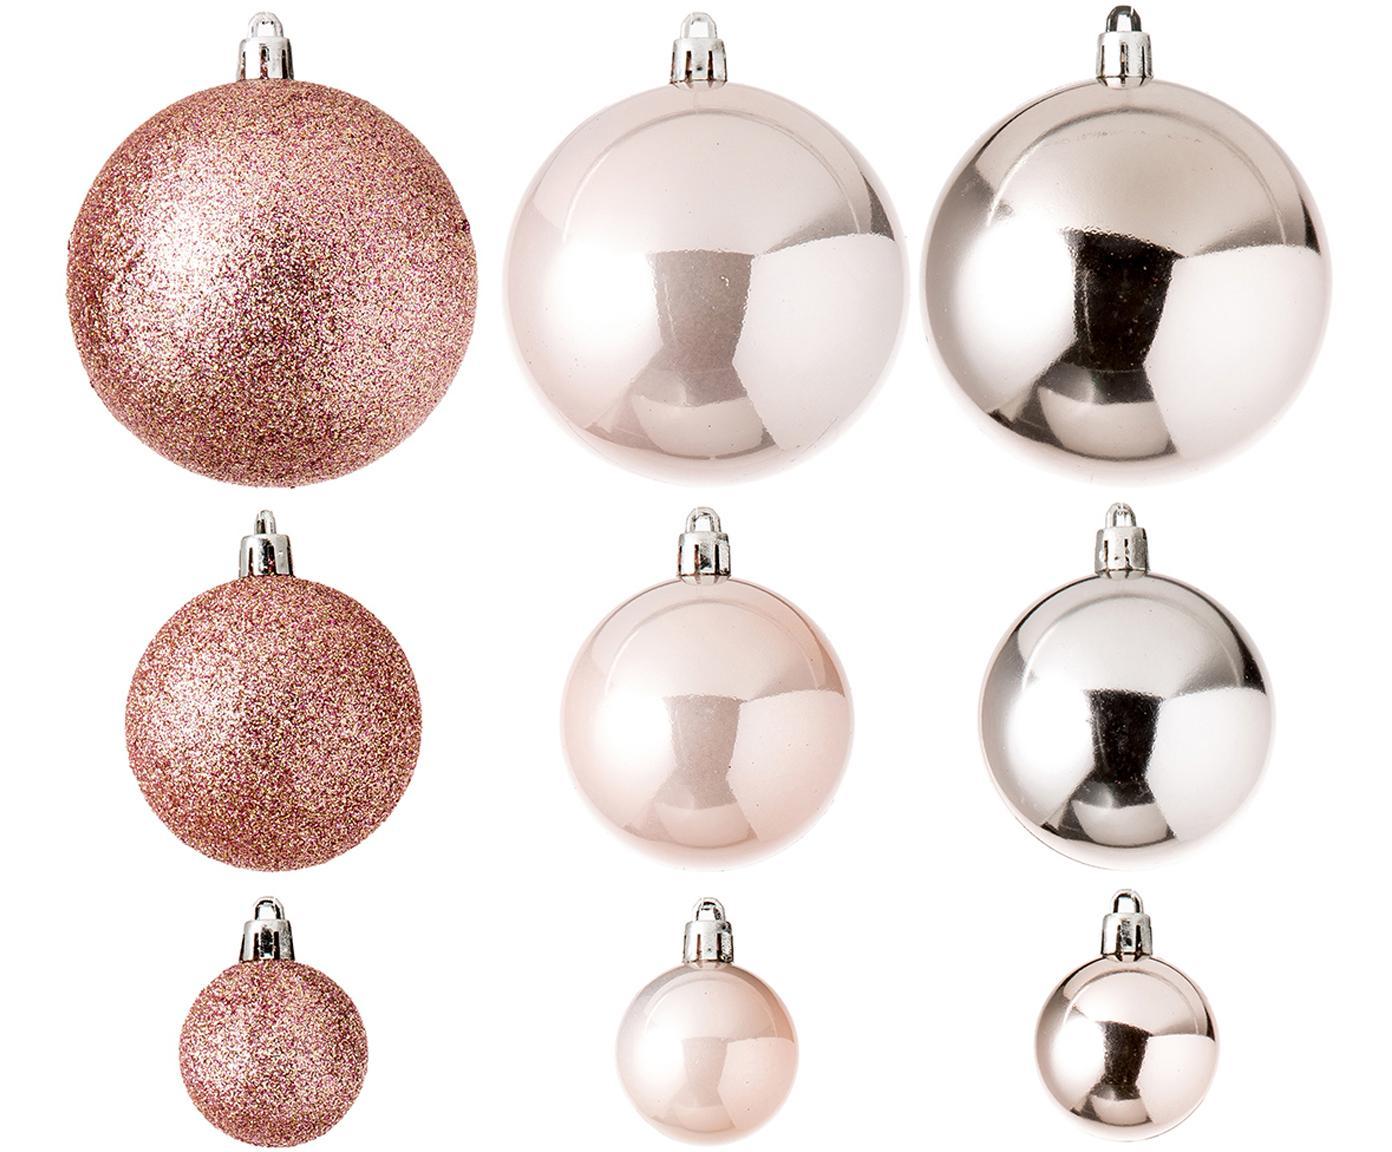 Set palline di Natale Silvia 46 pz, Materiale sintetico, Rosa chiaro, Diverse dimensioni